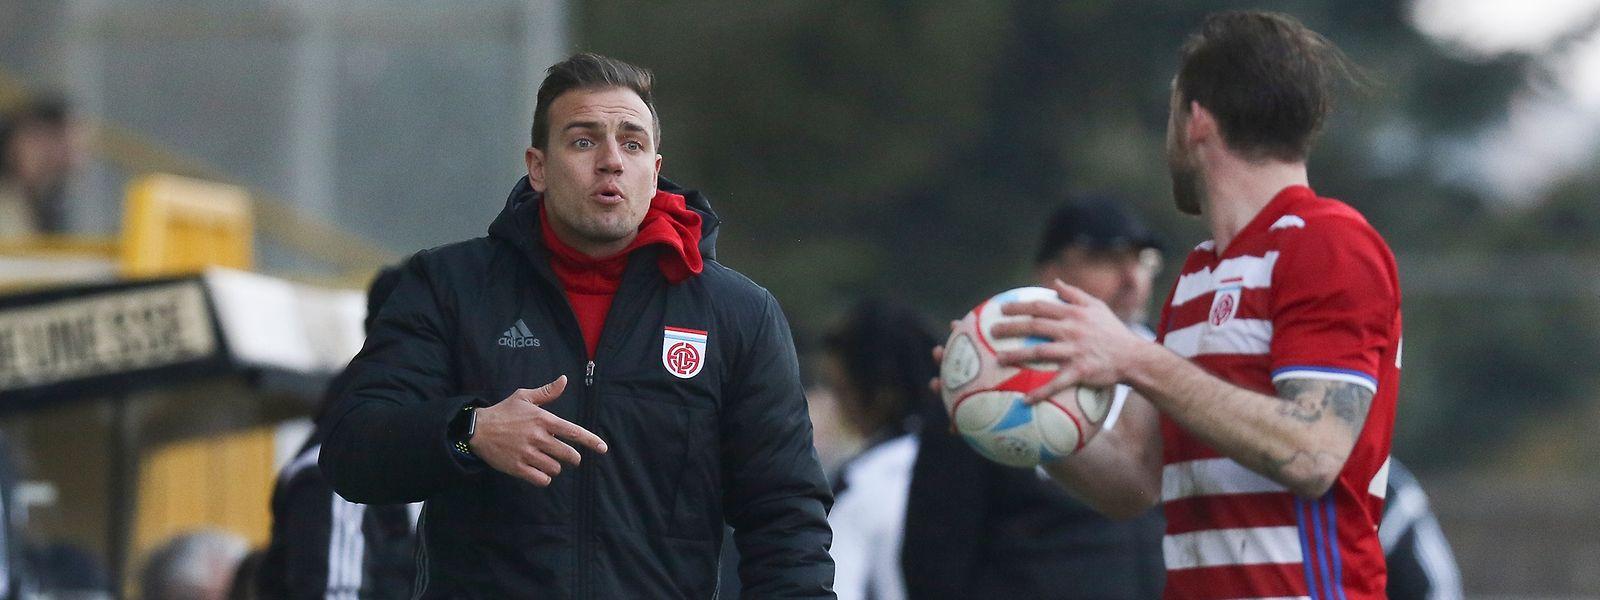 Trainer Thomas Klasen will mit Fola in der Erfolgsspur bleiben.